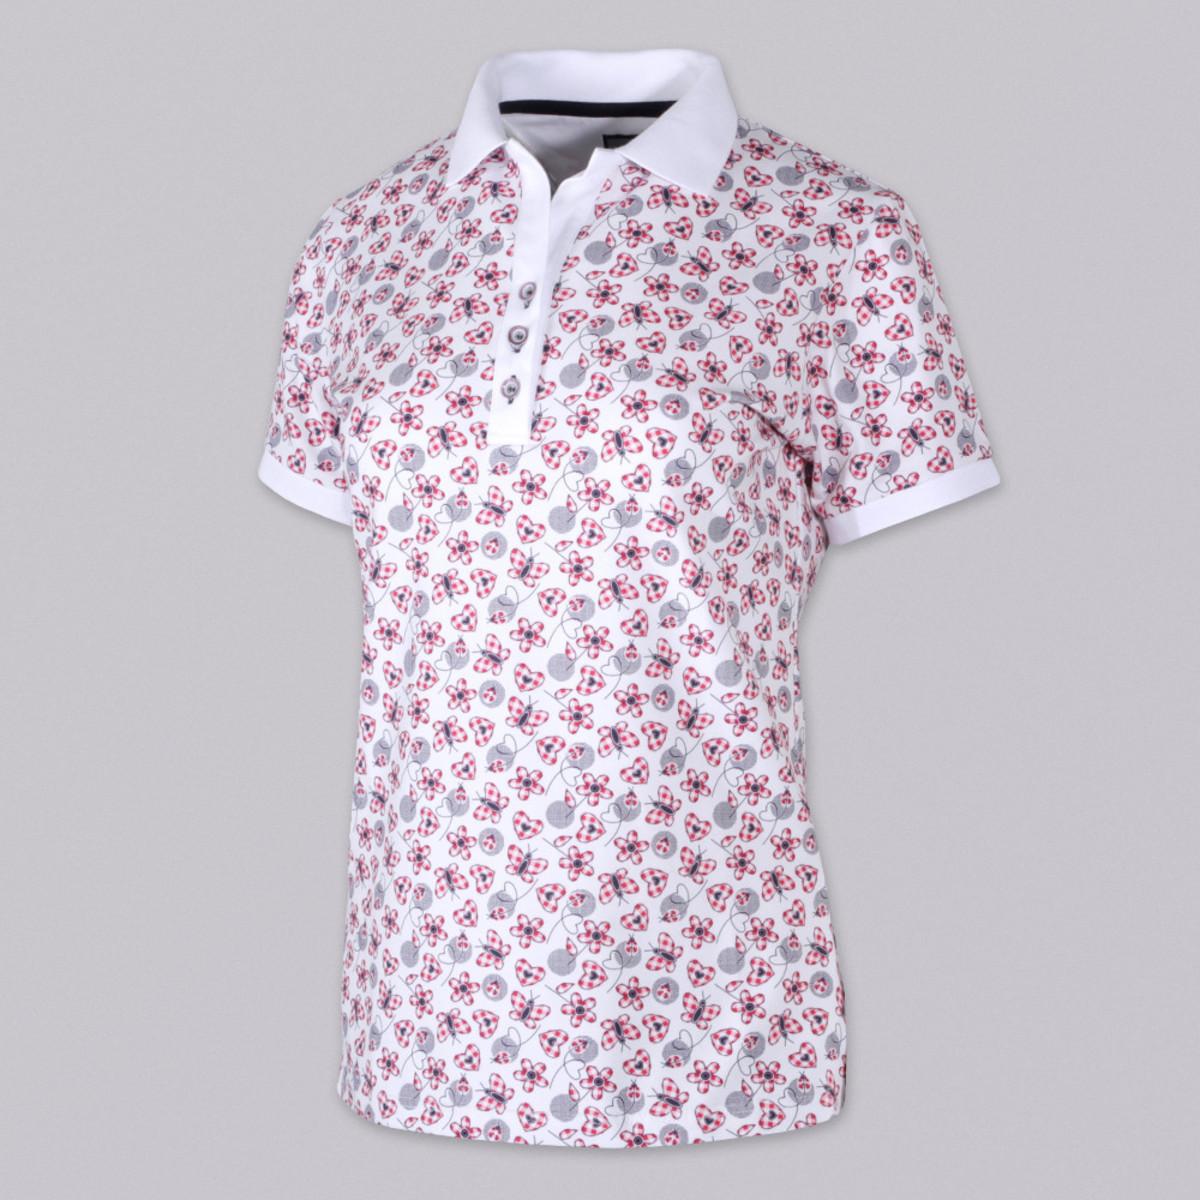 dc66a8ac6c97 Dámske Polo tričko 9460 sa vzorom kvietkov